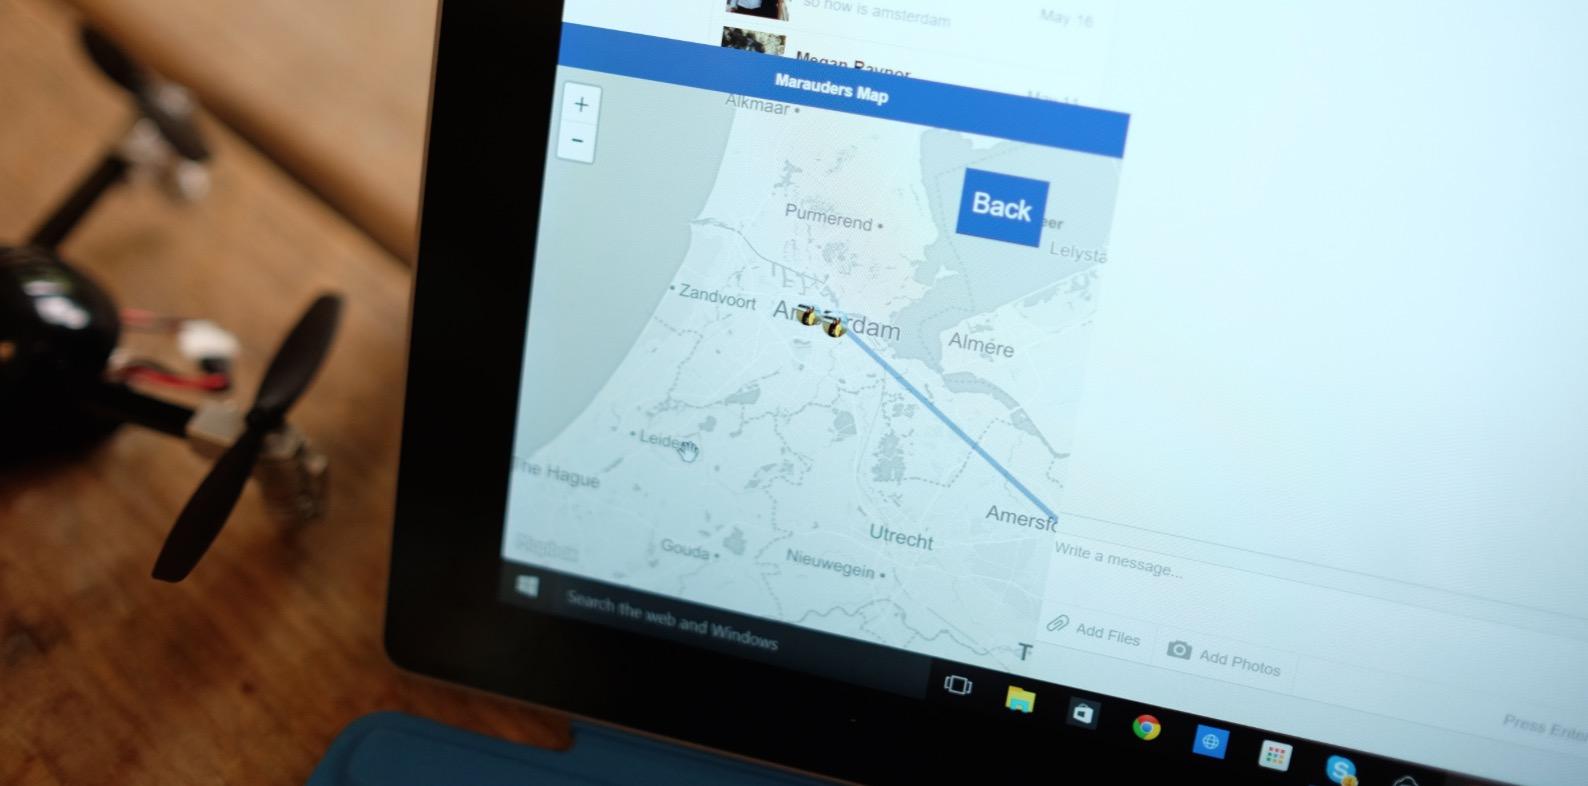 Mappa del Malandrino, l'estensione di Chrome traccia la posizione degli amici su Facebook